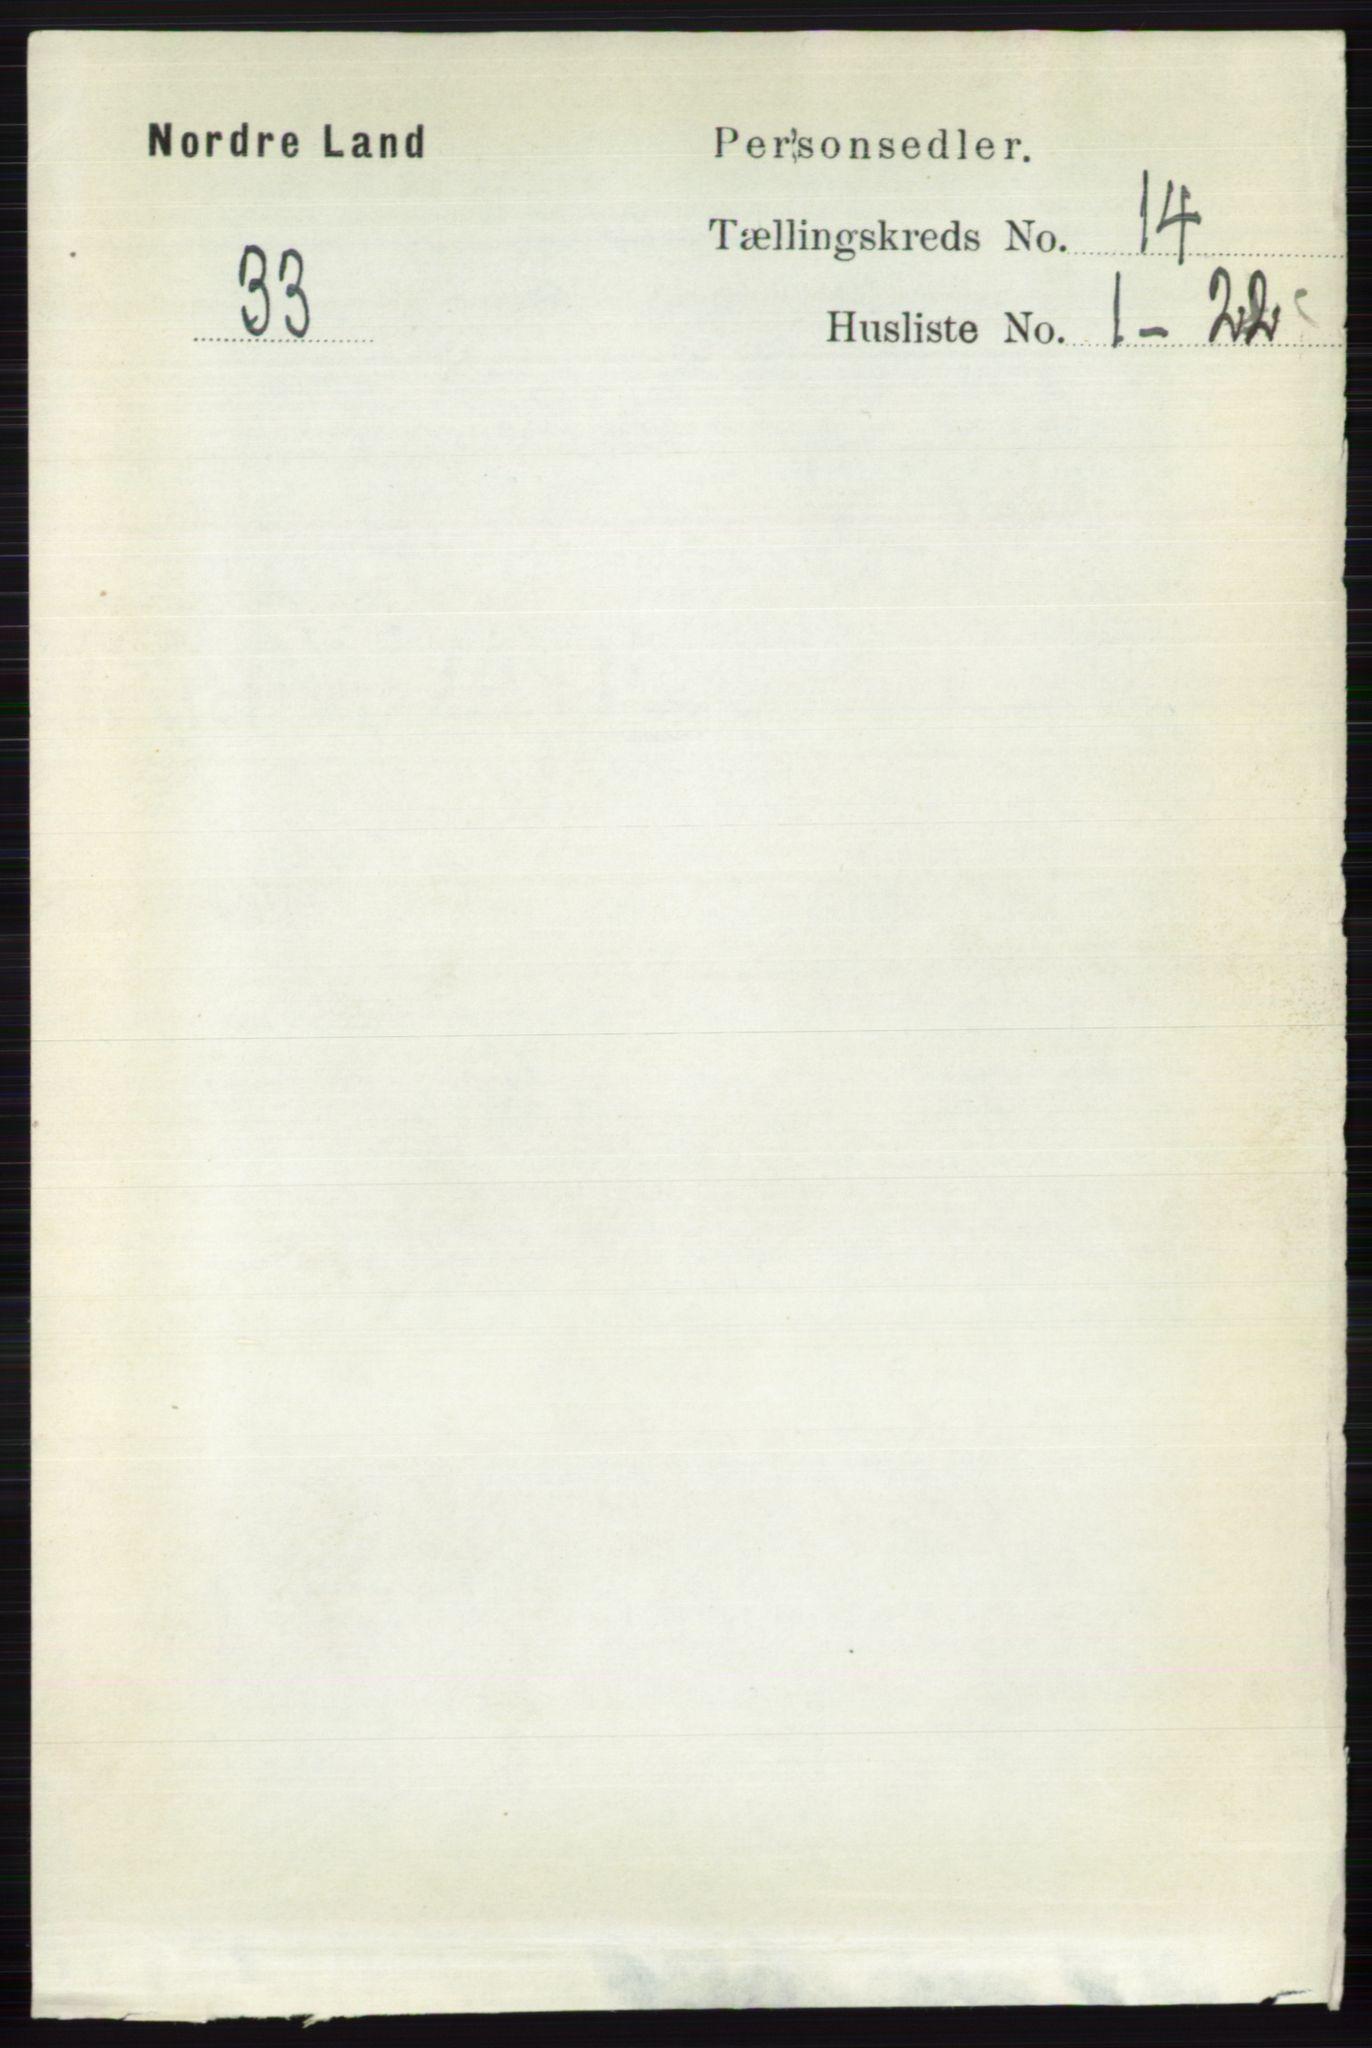 RA, Folketelling 1891 for 0538 Nordre Land herred, 1891, s. 3627